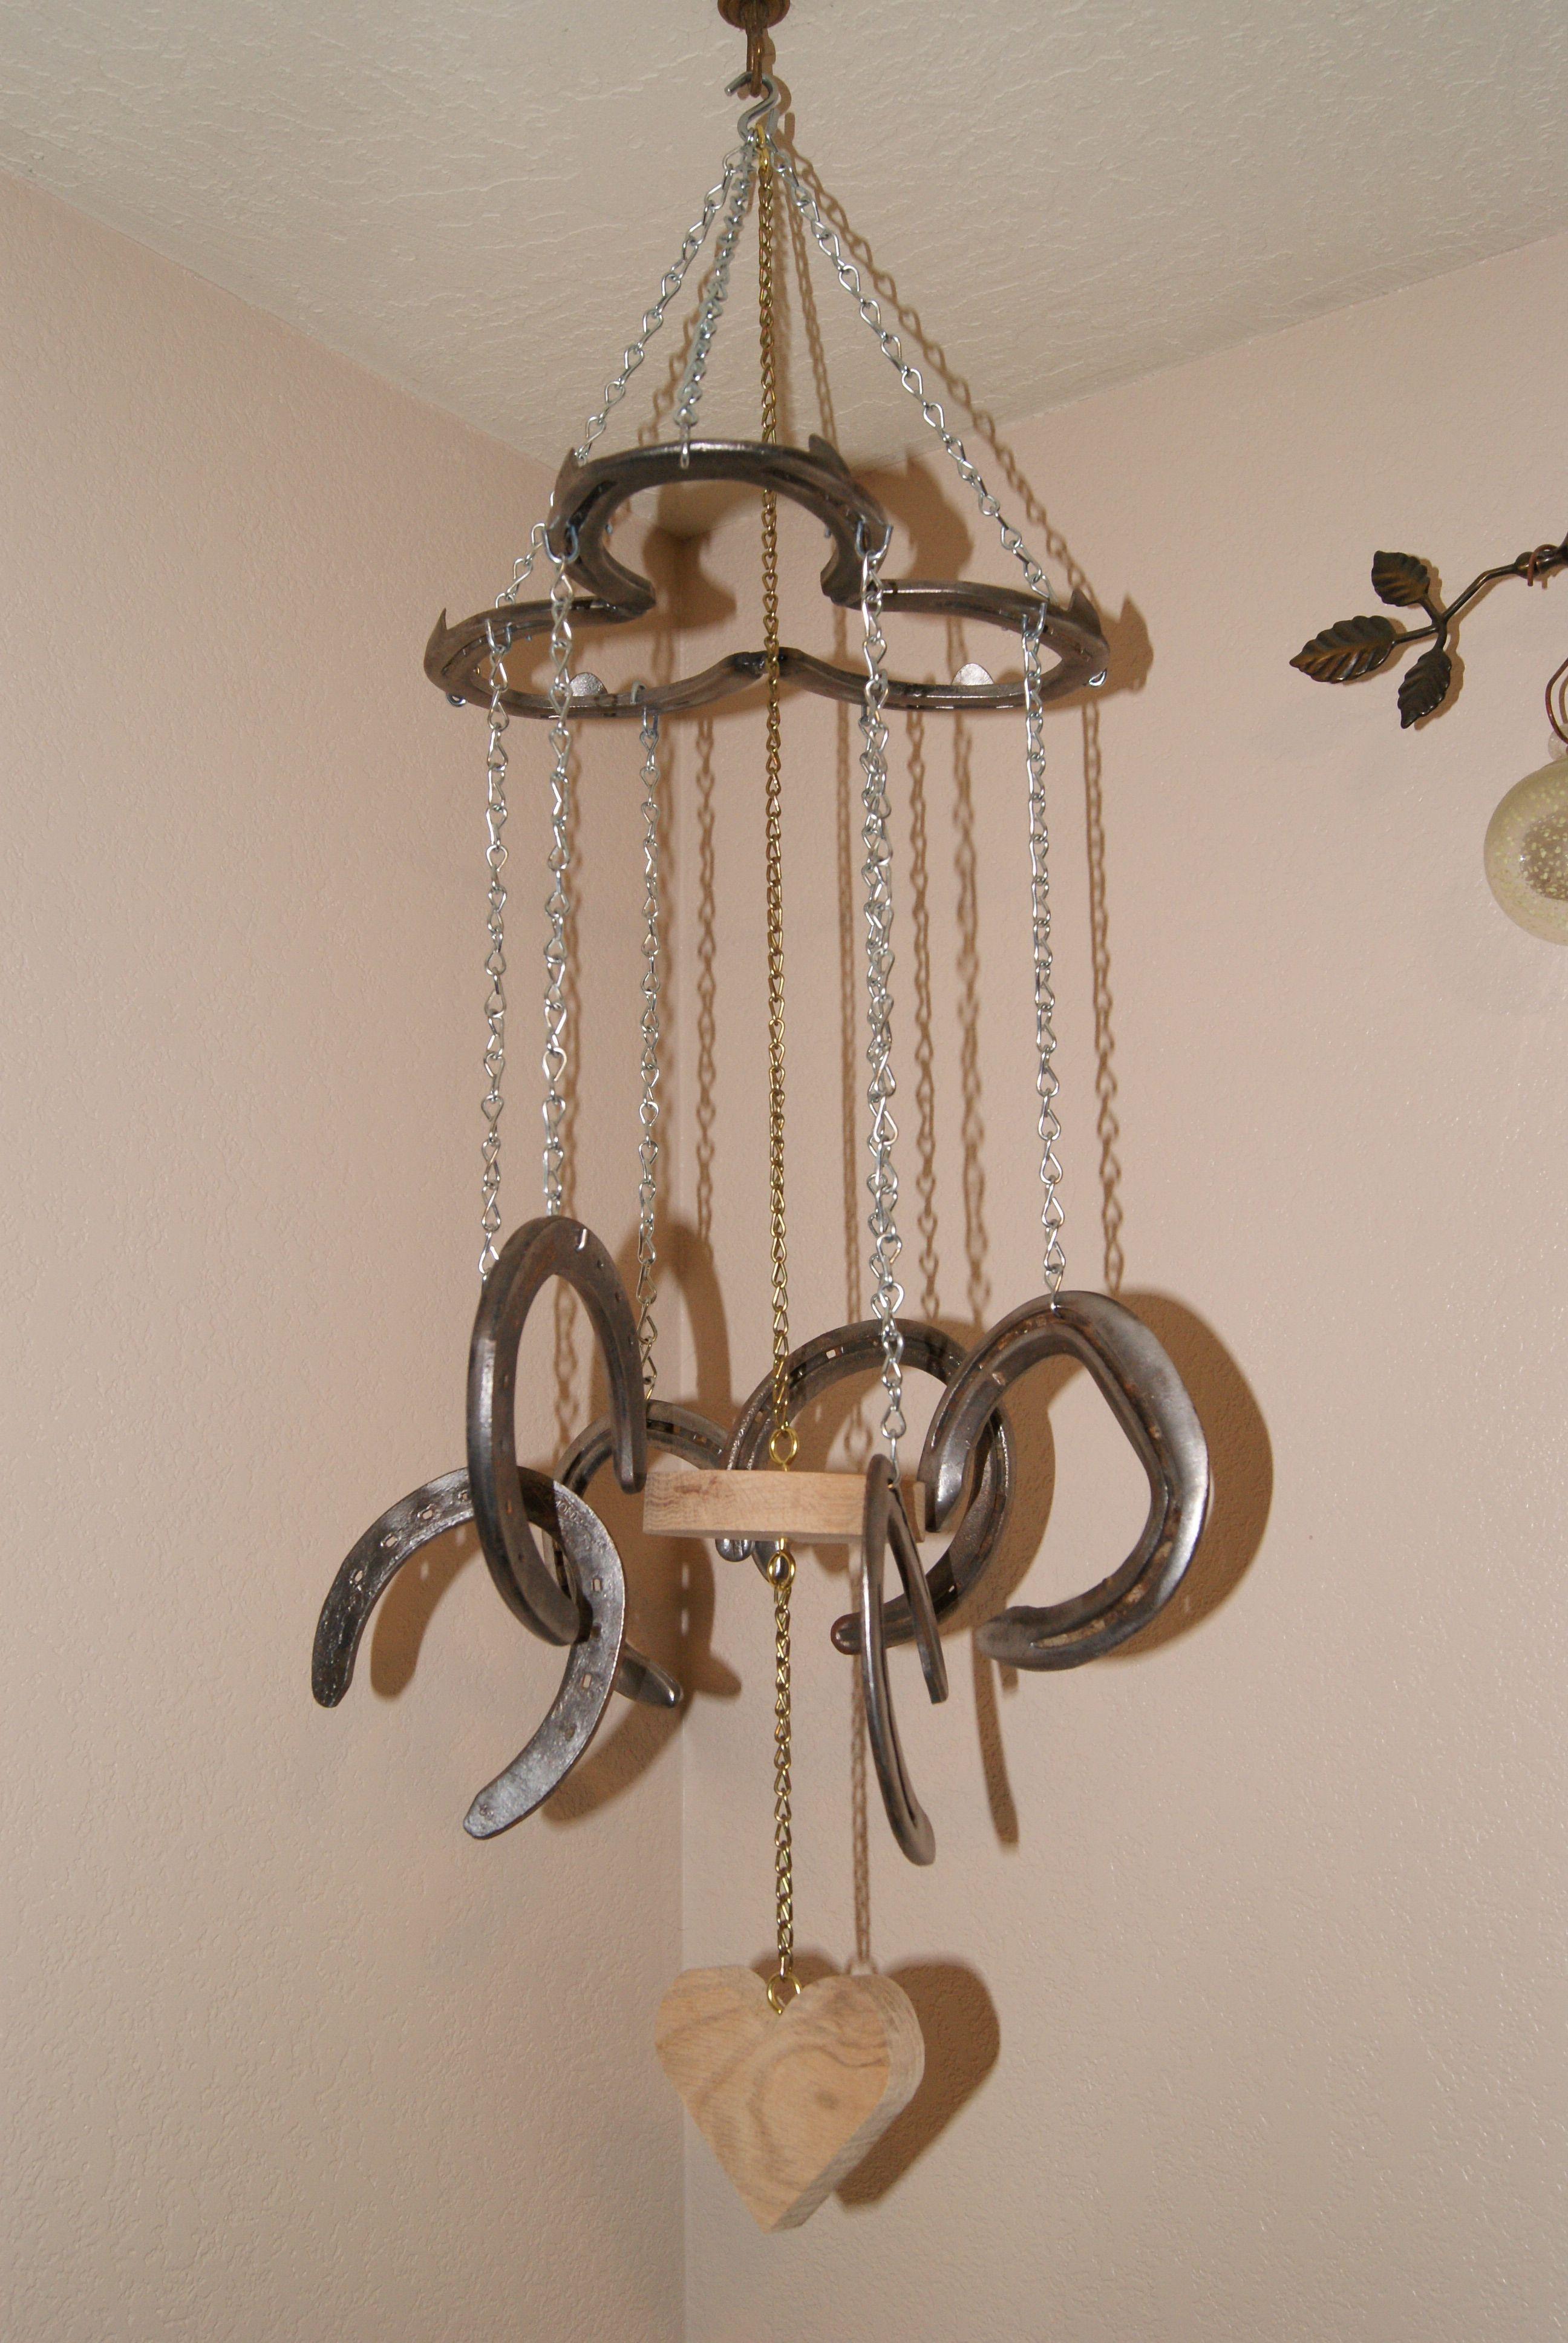 Horseshoe Windchime Rodeo Crafts Horseshoe Crafts Wind Chimes